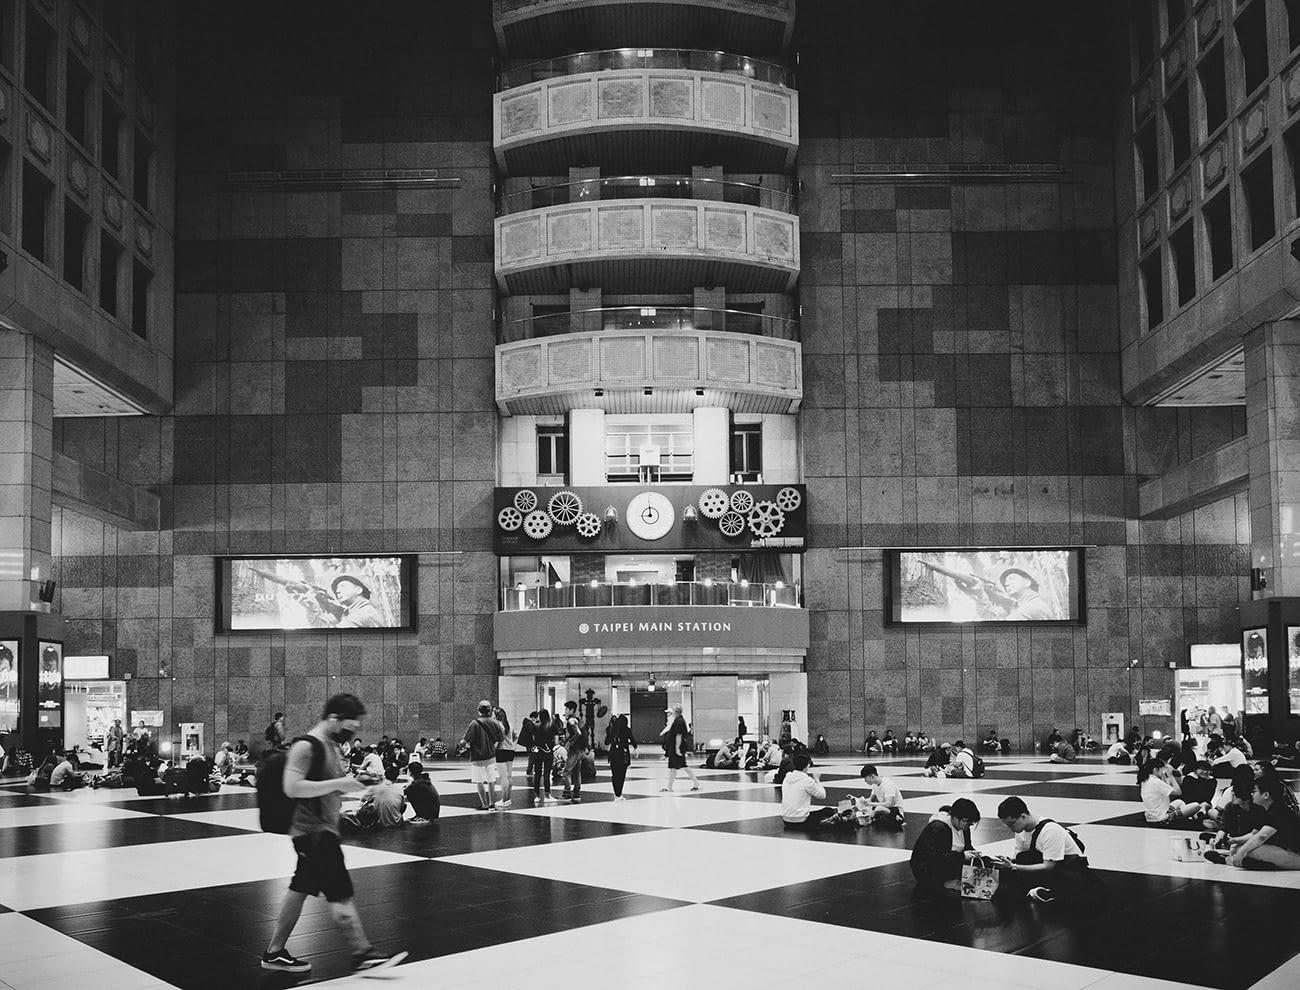 Taipei - Main station